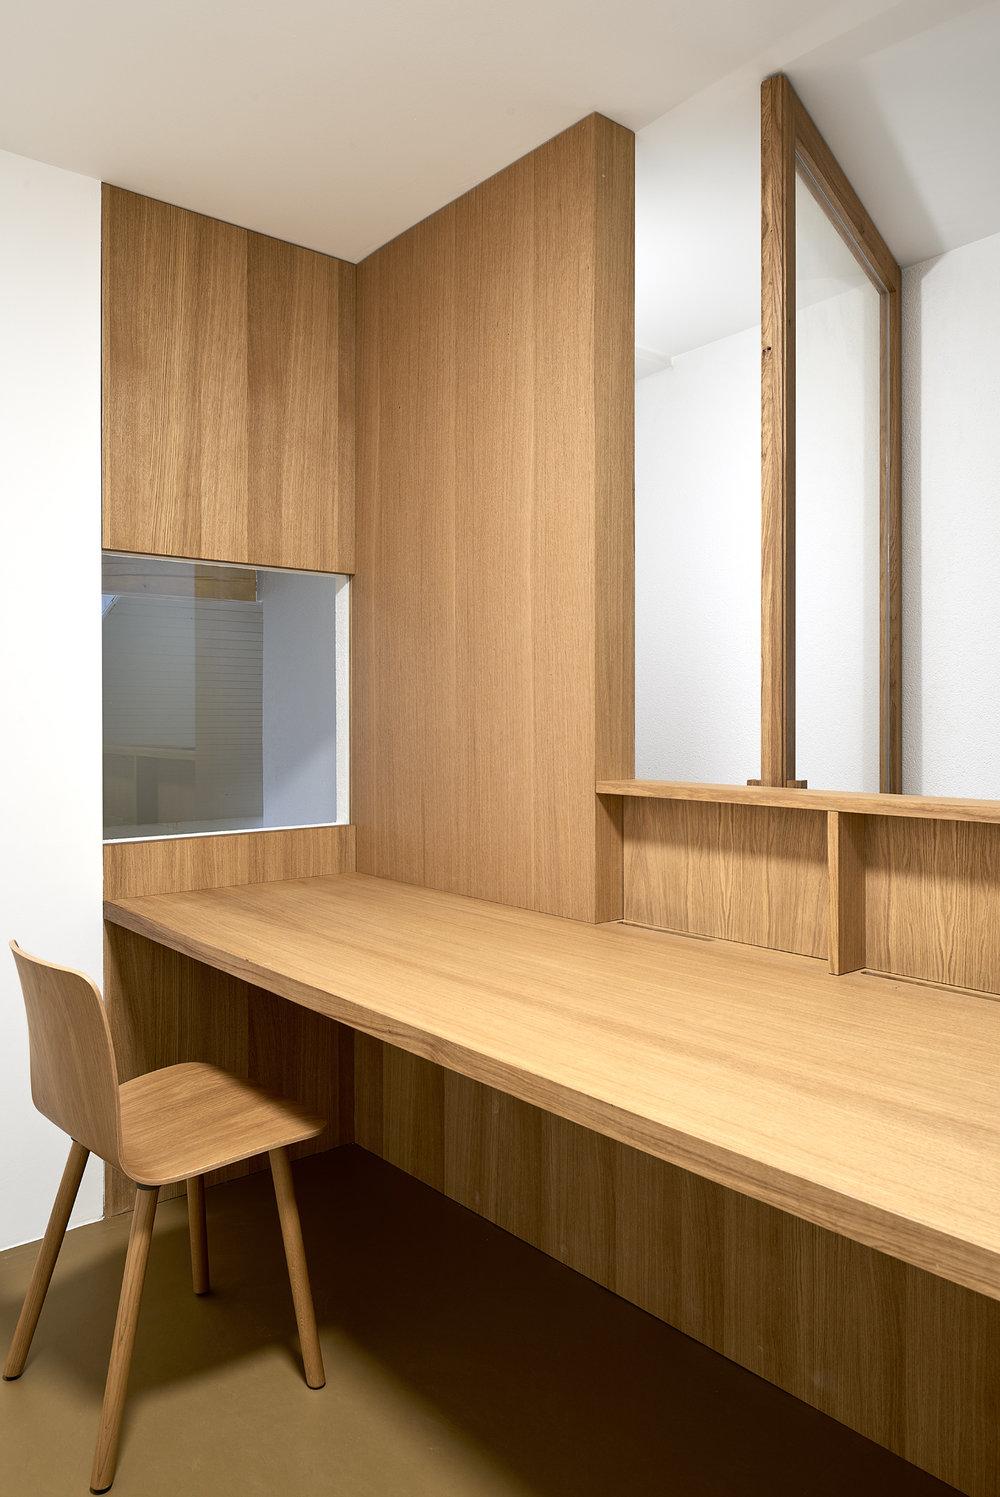 jean-baptiste bruderer architecte_Fra_001.jpg